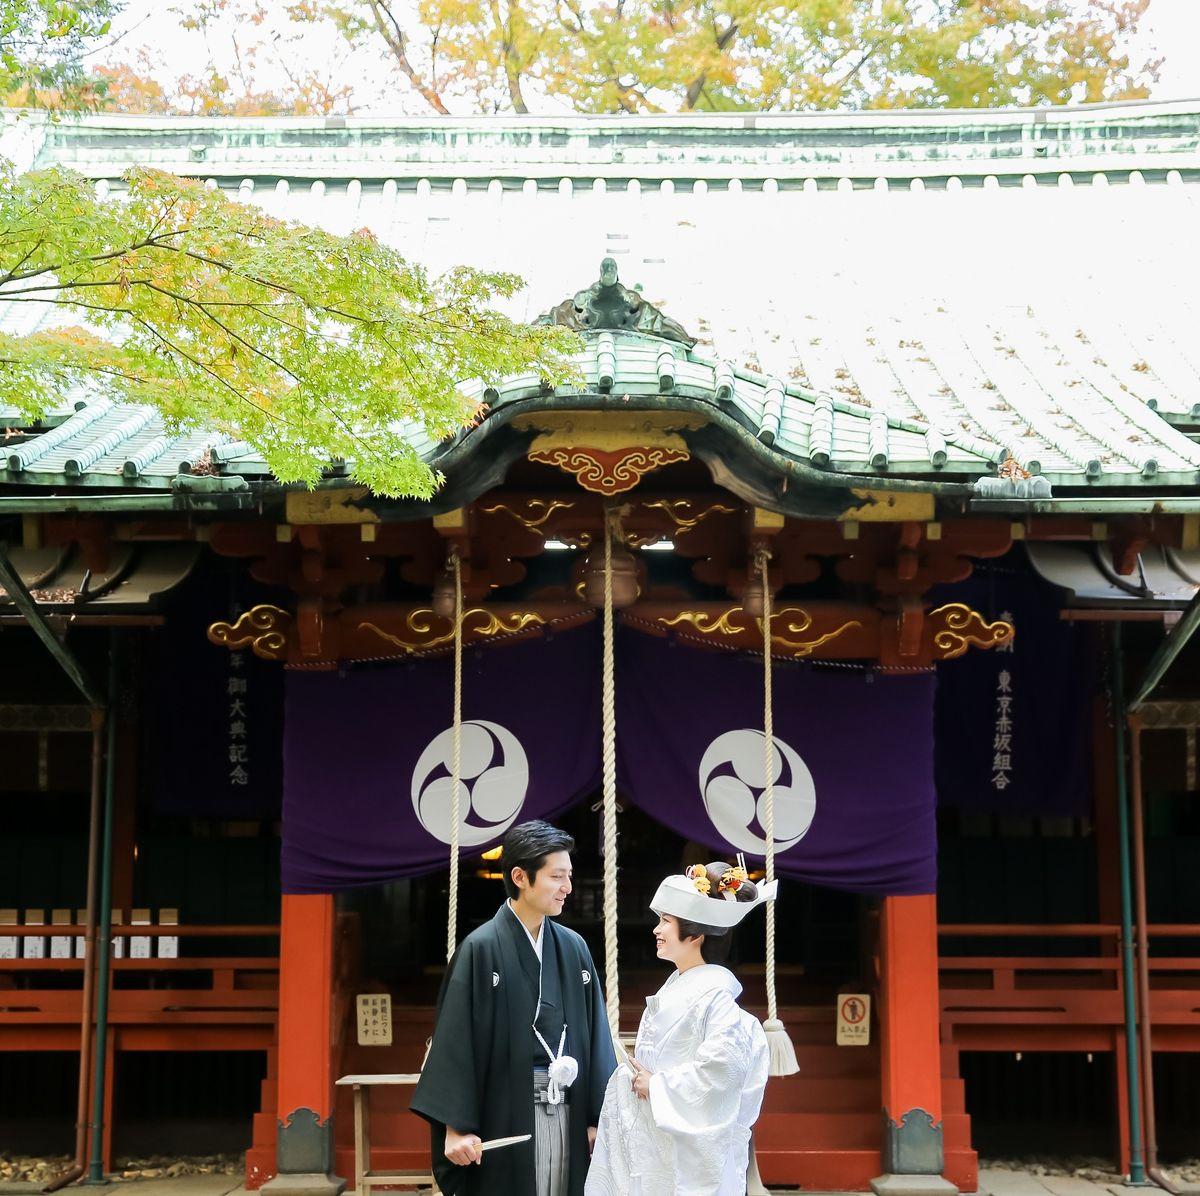 赤坂氷川神社の公式写真1枚目